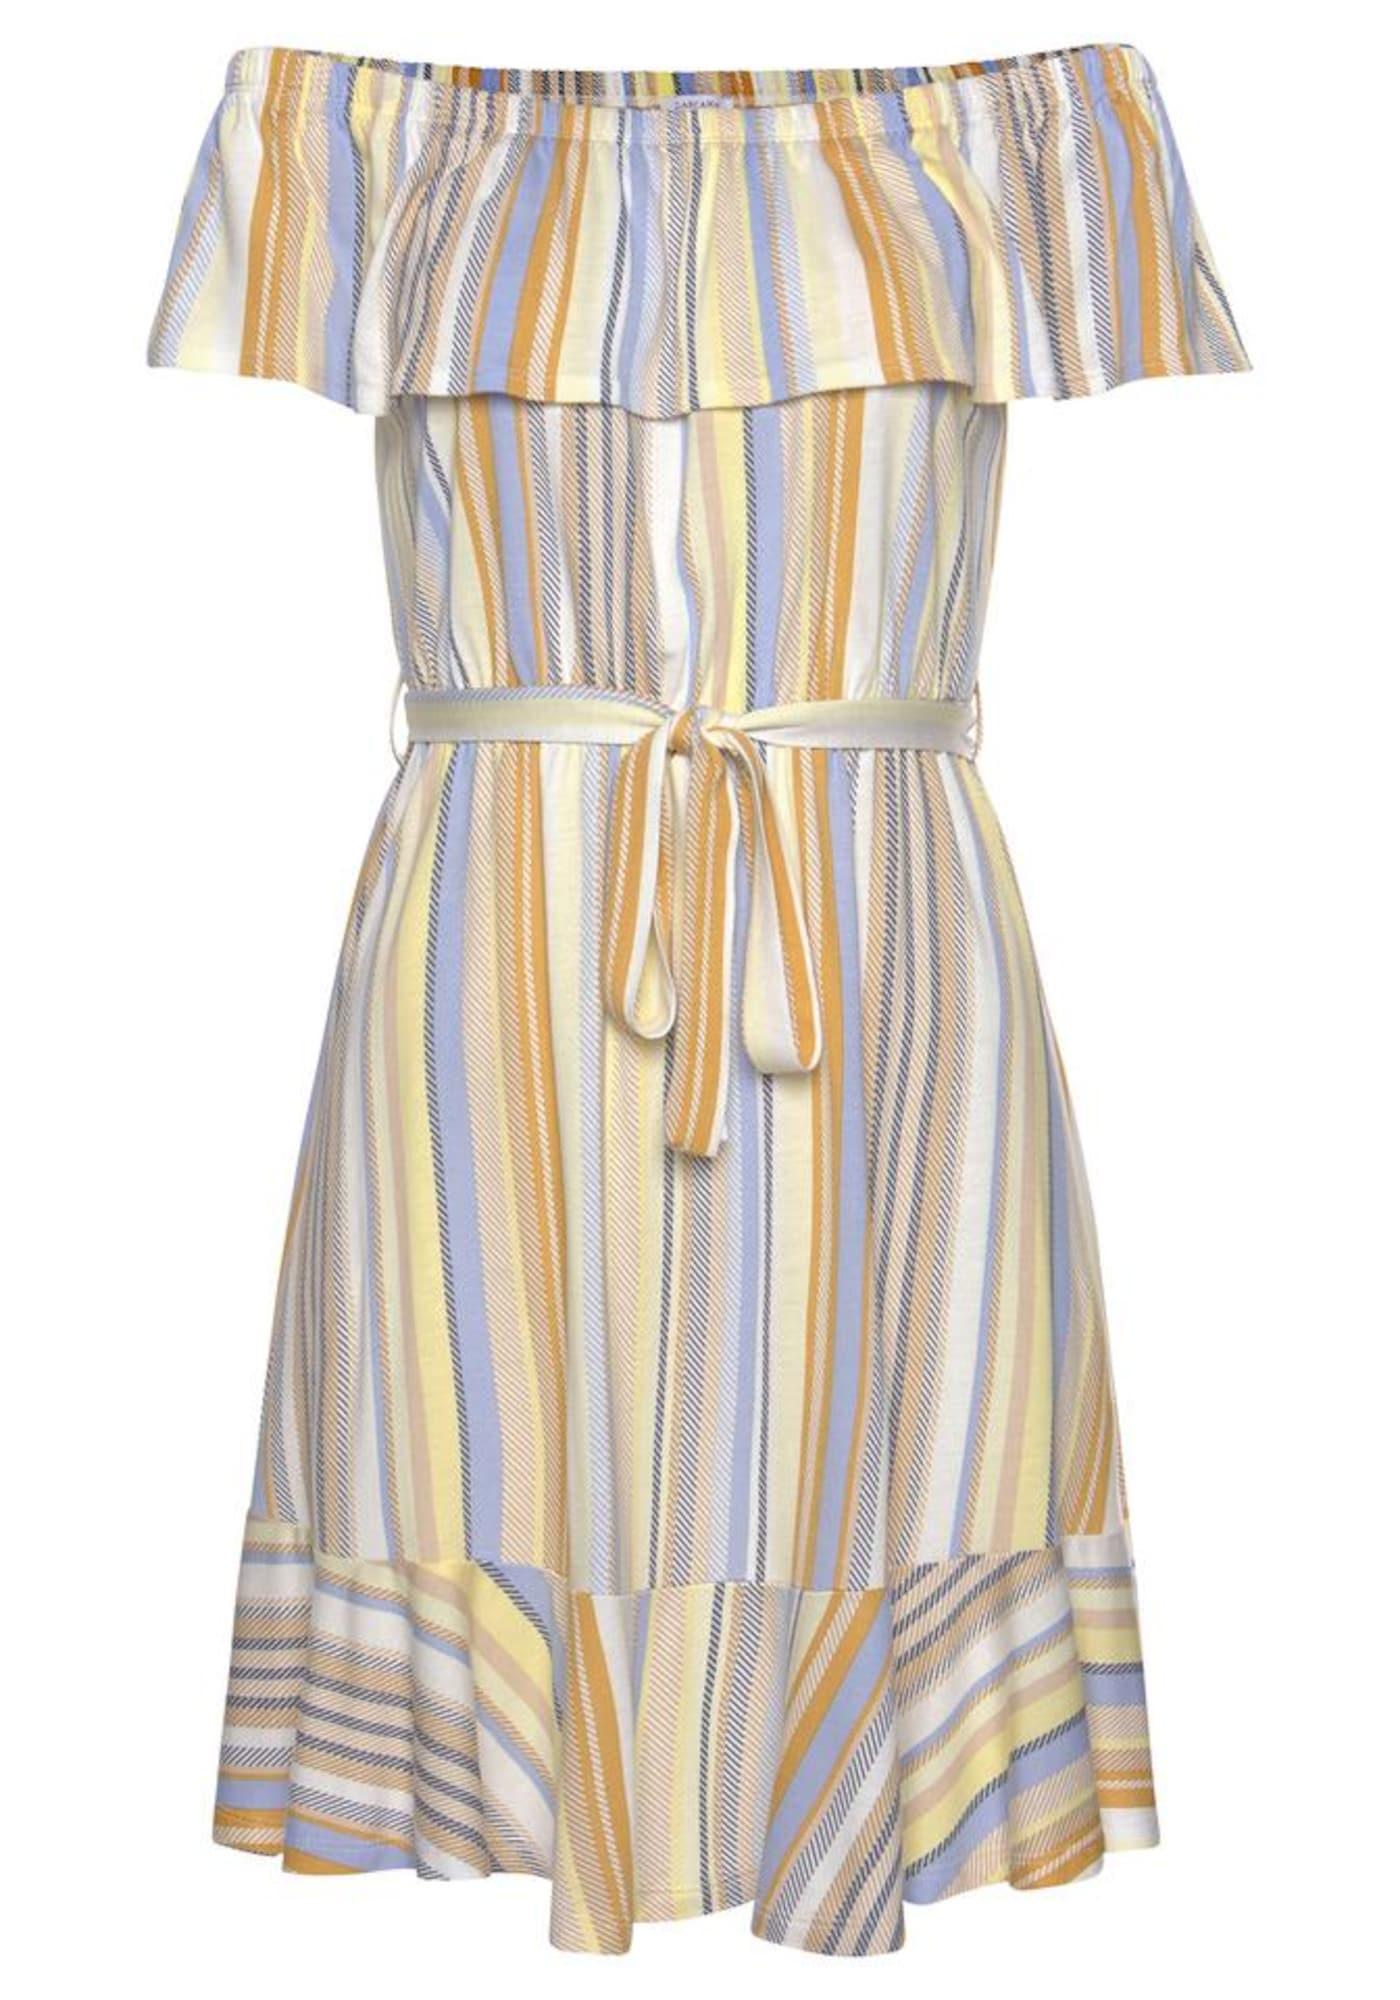 VENICE BEACH Paplūdimio suknelė mišrios spalvos / geltona / mėlyna / smėlio